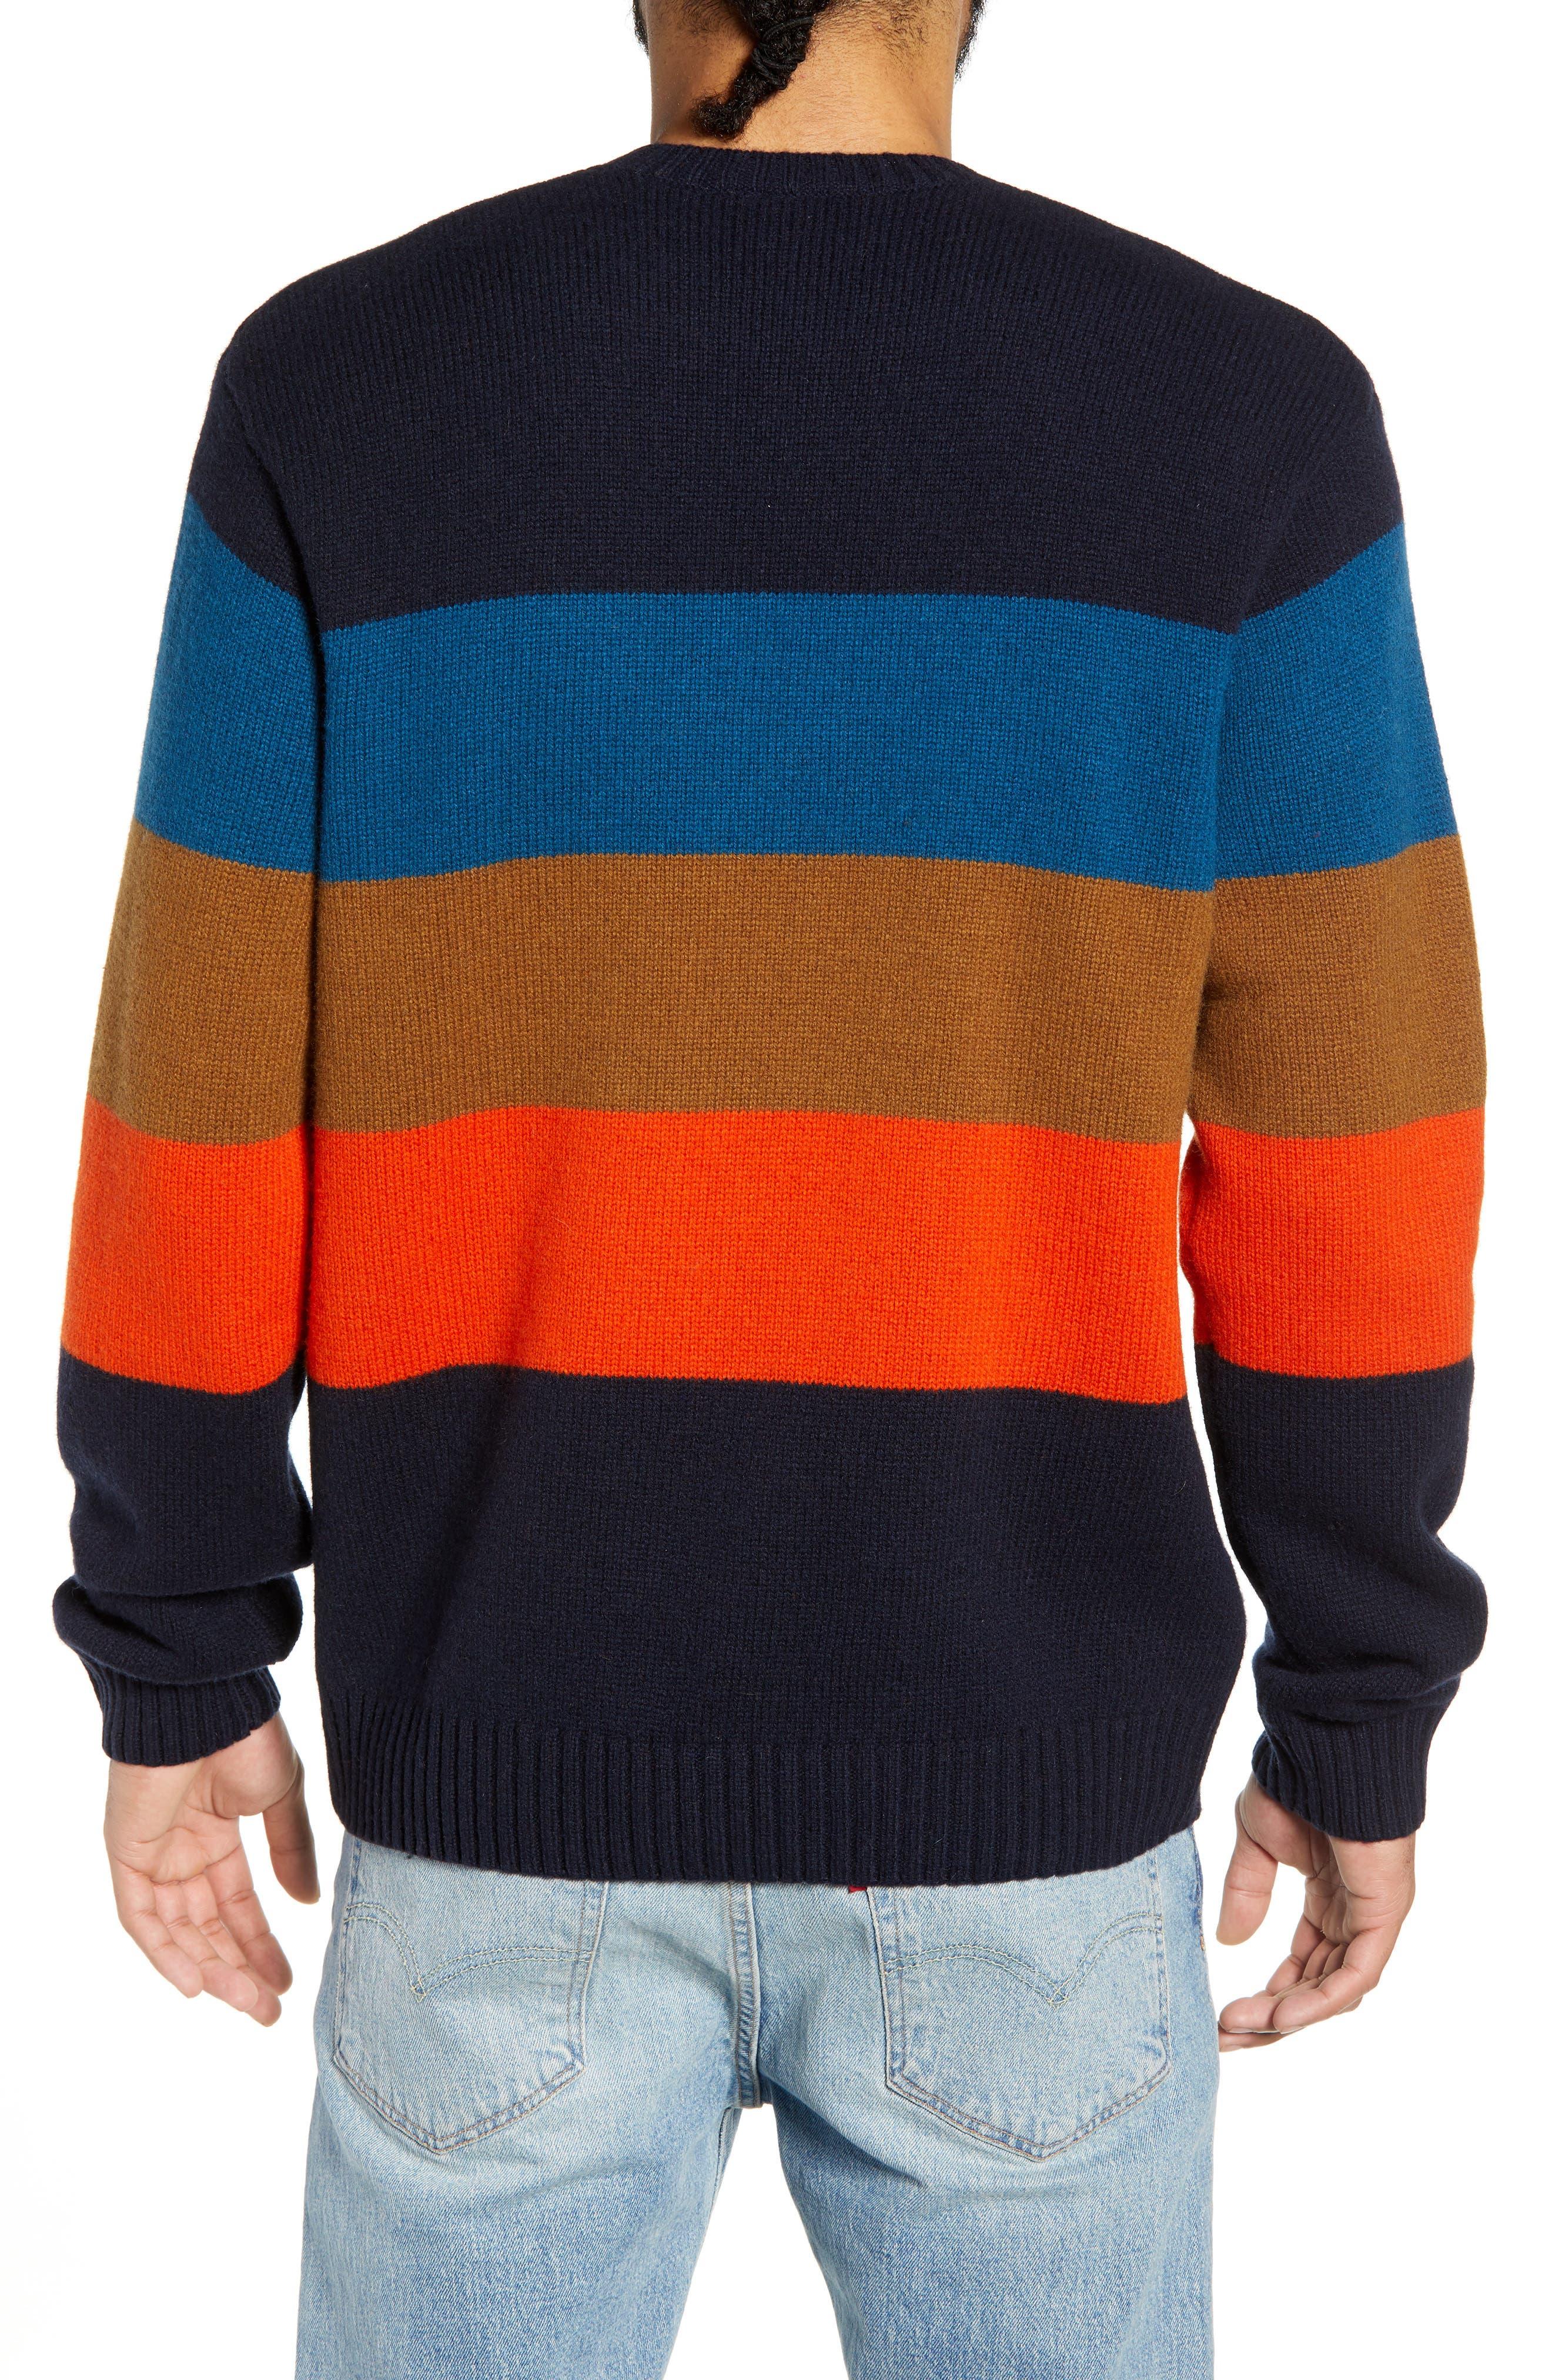 Goldner Stripe Wool Sweater,                             Alternate thumbnail 2, color,                             GOLD STRIPE DARK NAVY